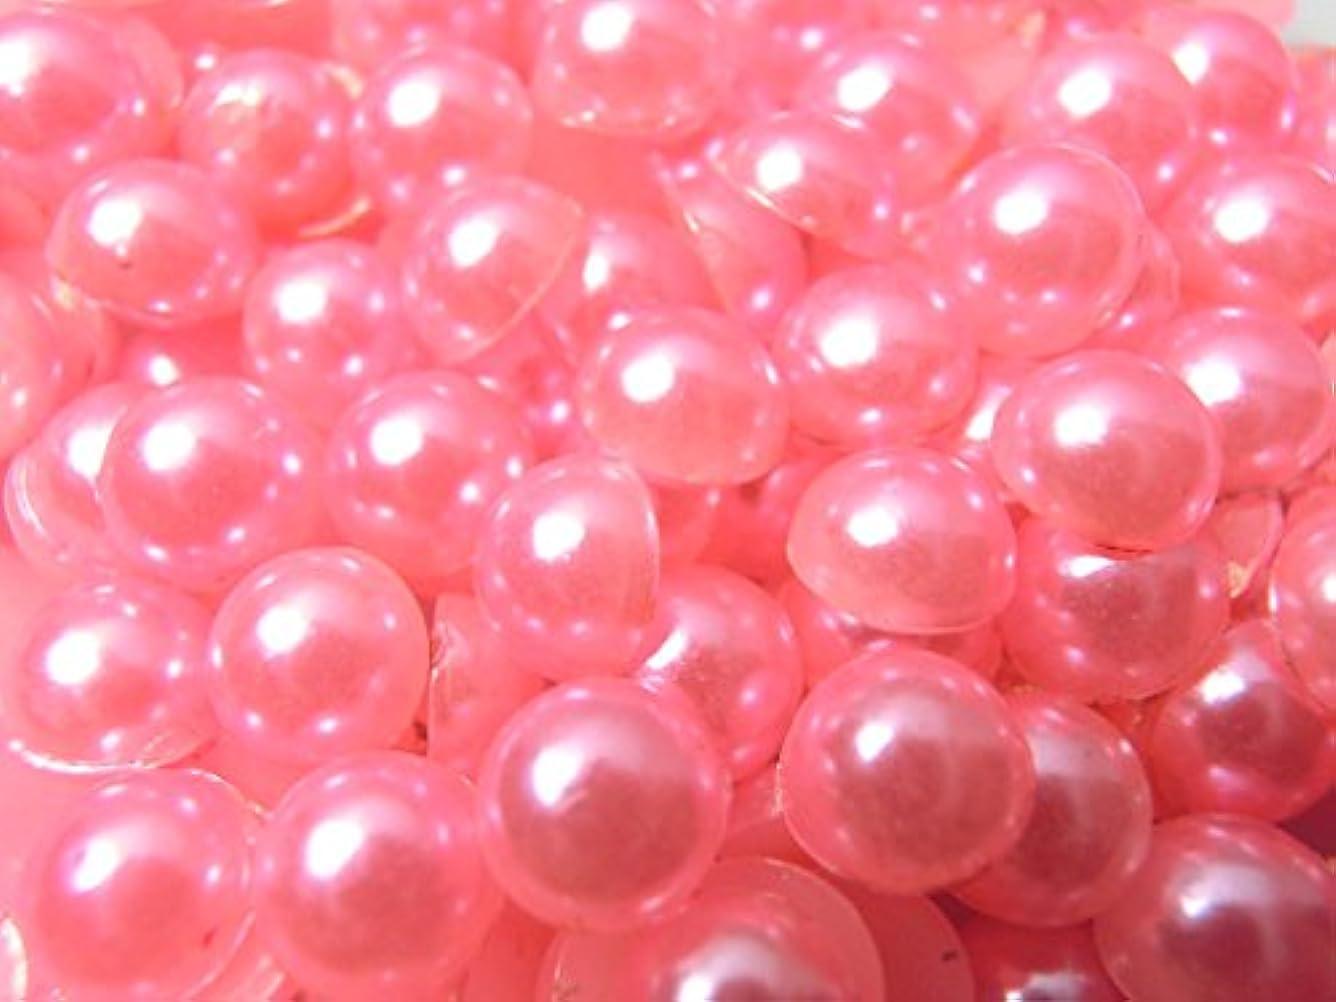 傀儡苦行印をつける【ラインストーン77】超高級 パールストーン ピンク 各サイズ.選択可能 (5mm (約80粒))